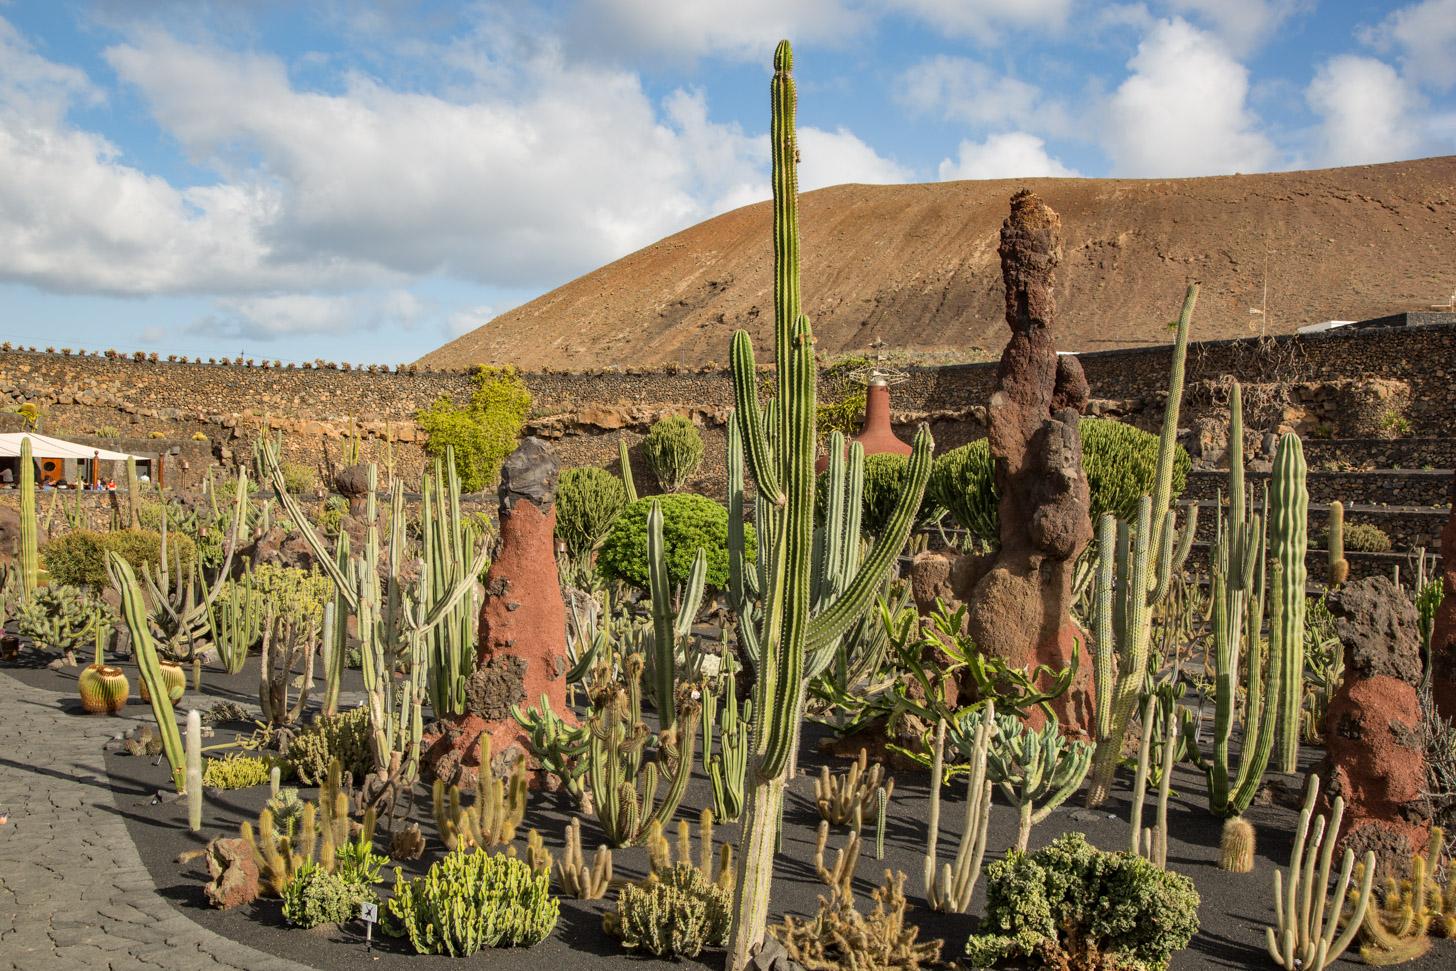 Jardin de Cactus, de prachtige cactustuin van Lanzarote